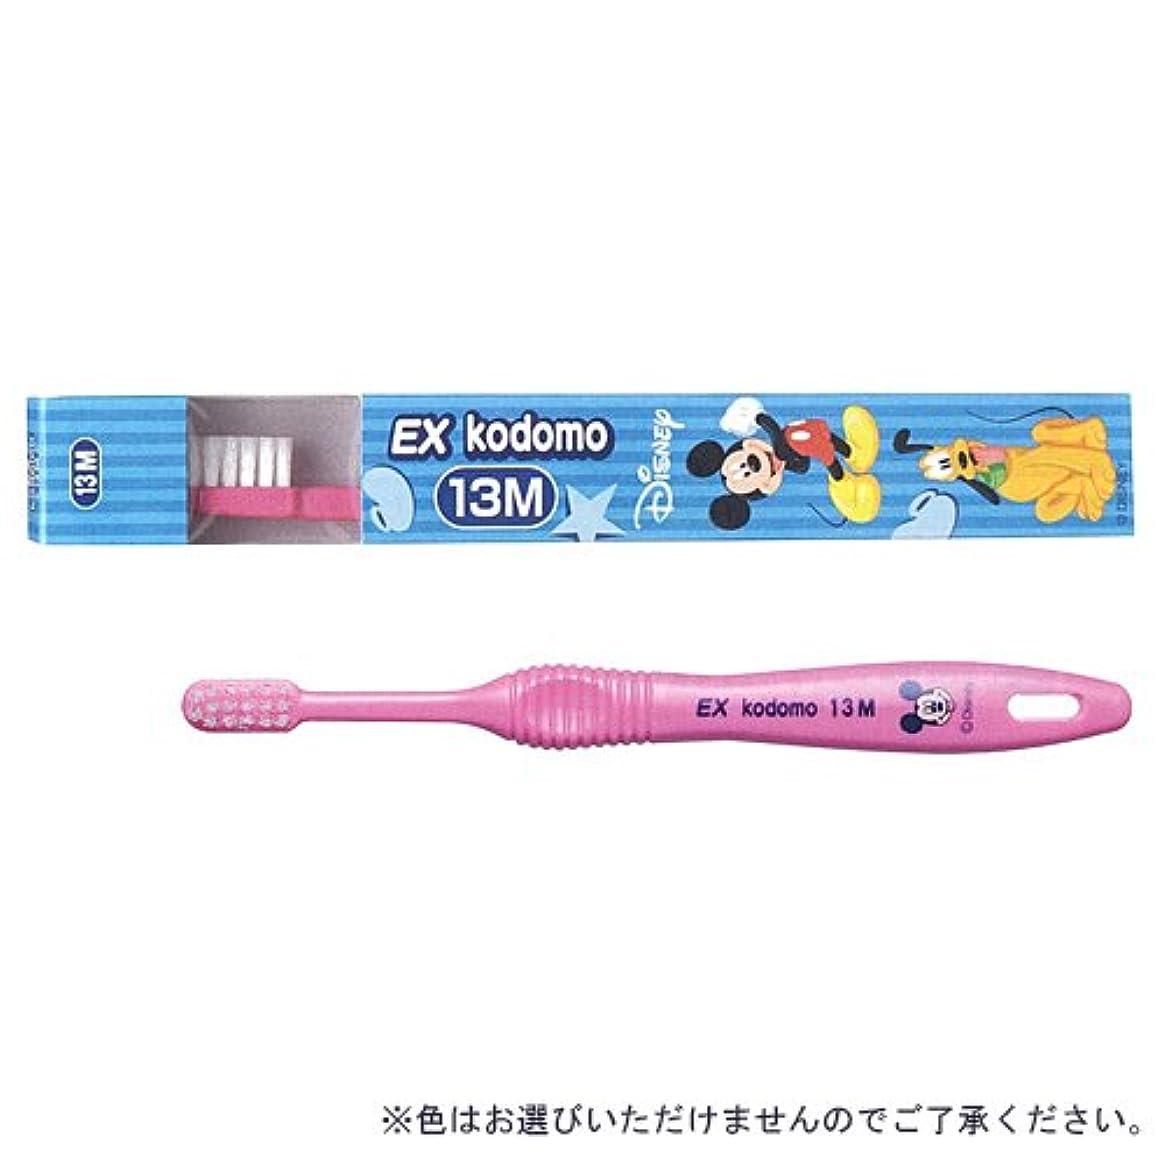 探す構想する予測子ライオン DENT.(デント) EXコドモディズニー 13M